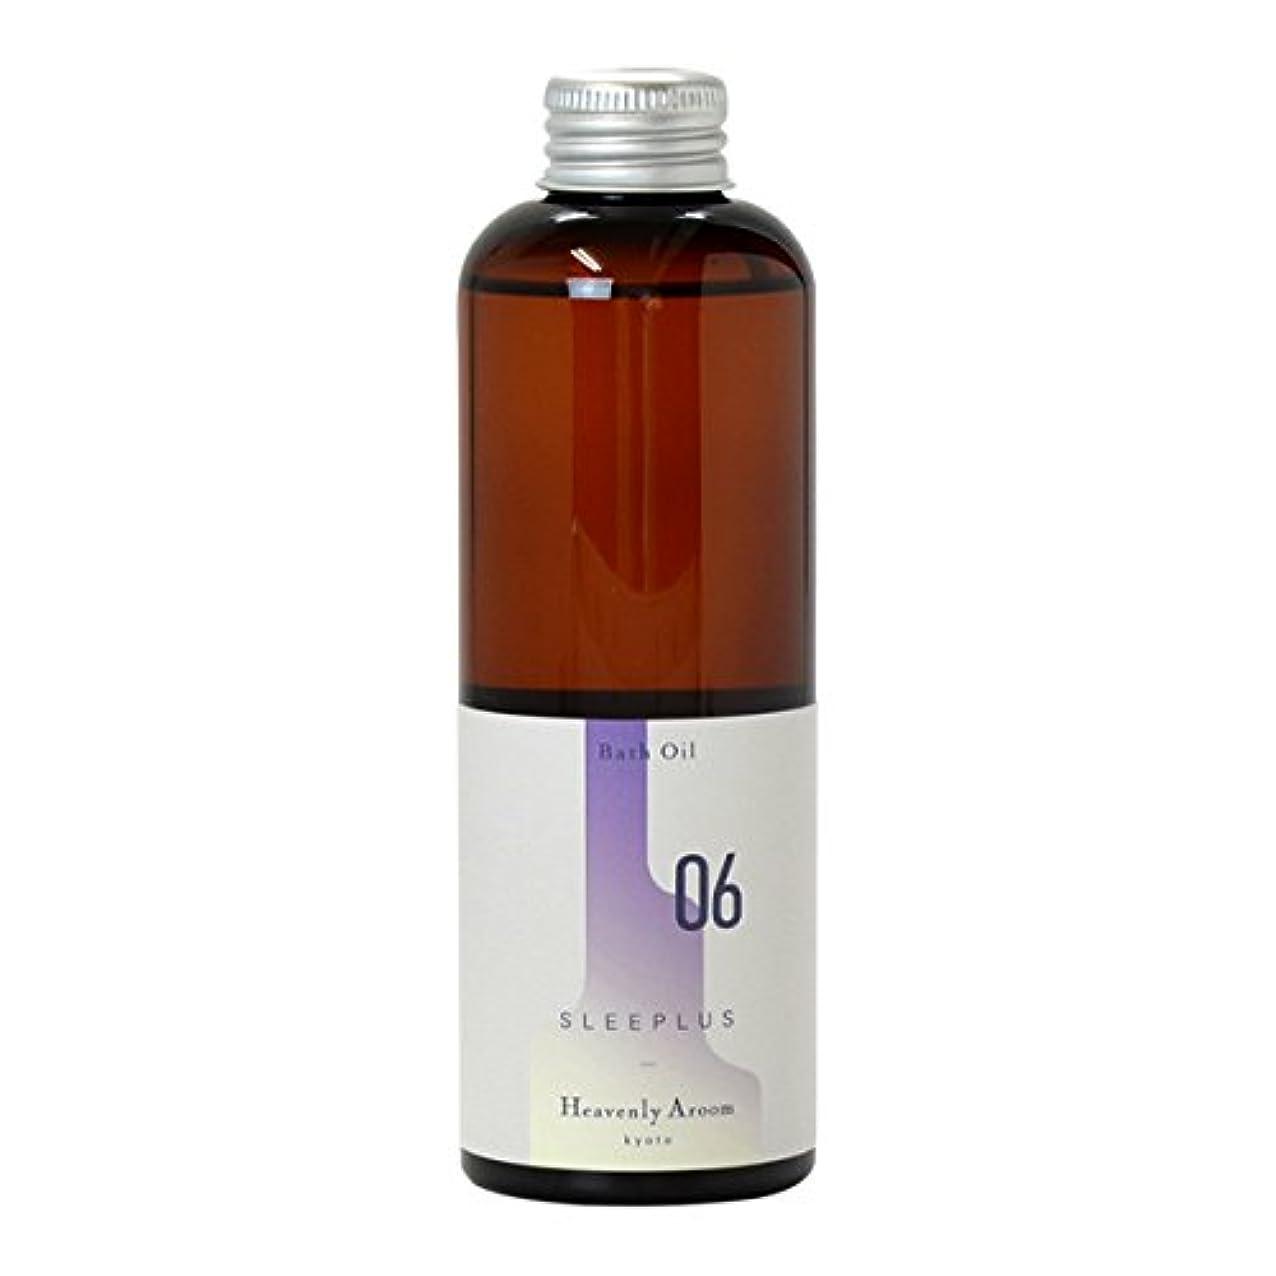 クックエキゾチックガムHeavenly Aroom バスオイル SLEEPLUS 06 ラベンダーバニラ 200ml